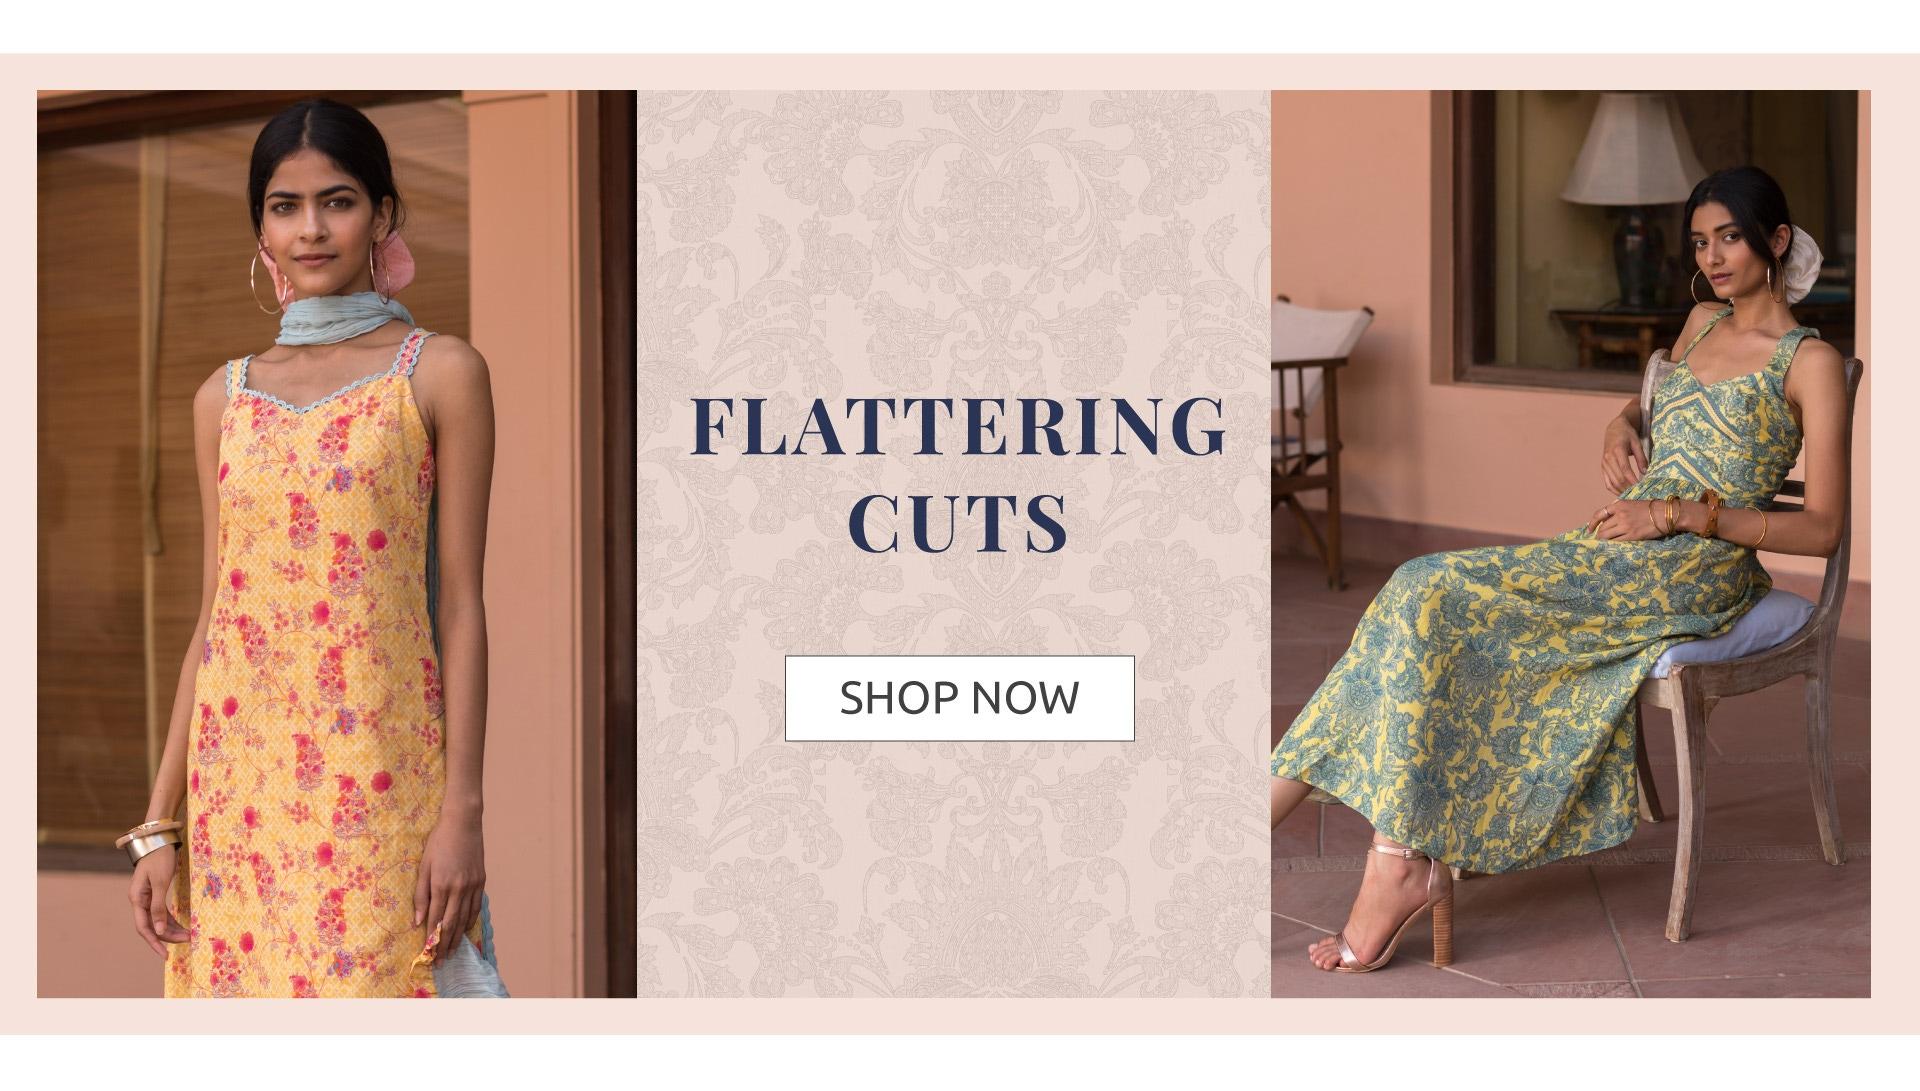 FLATTERING CUTS